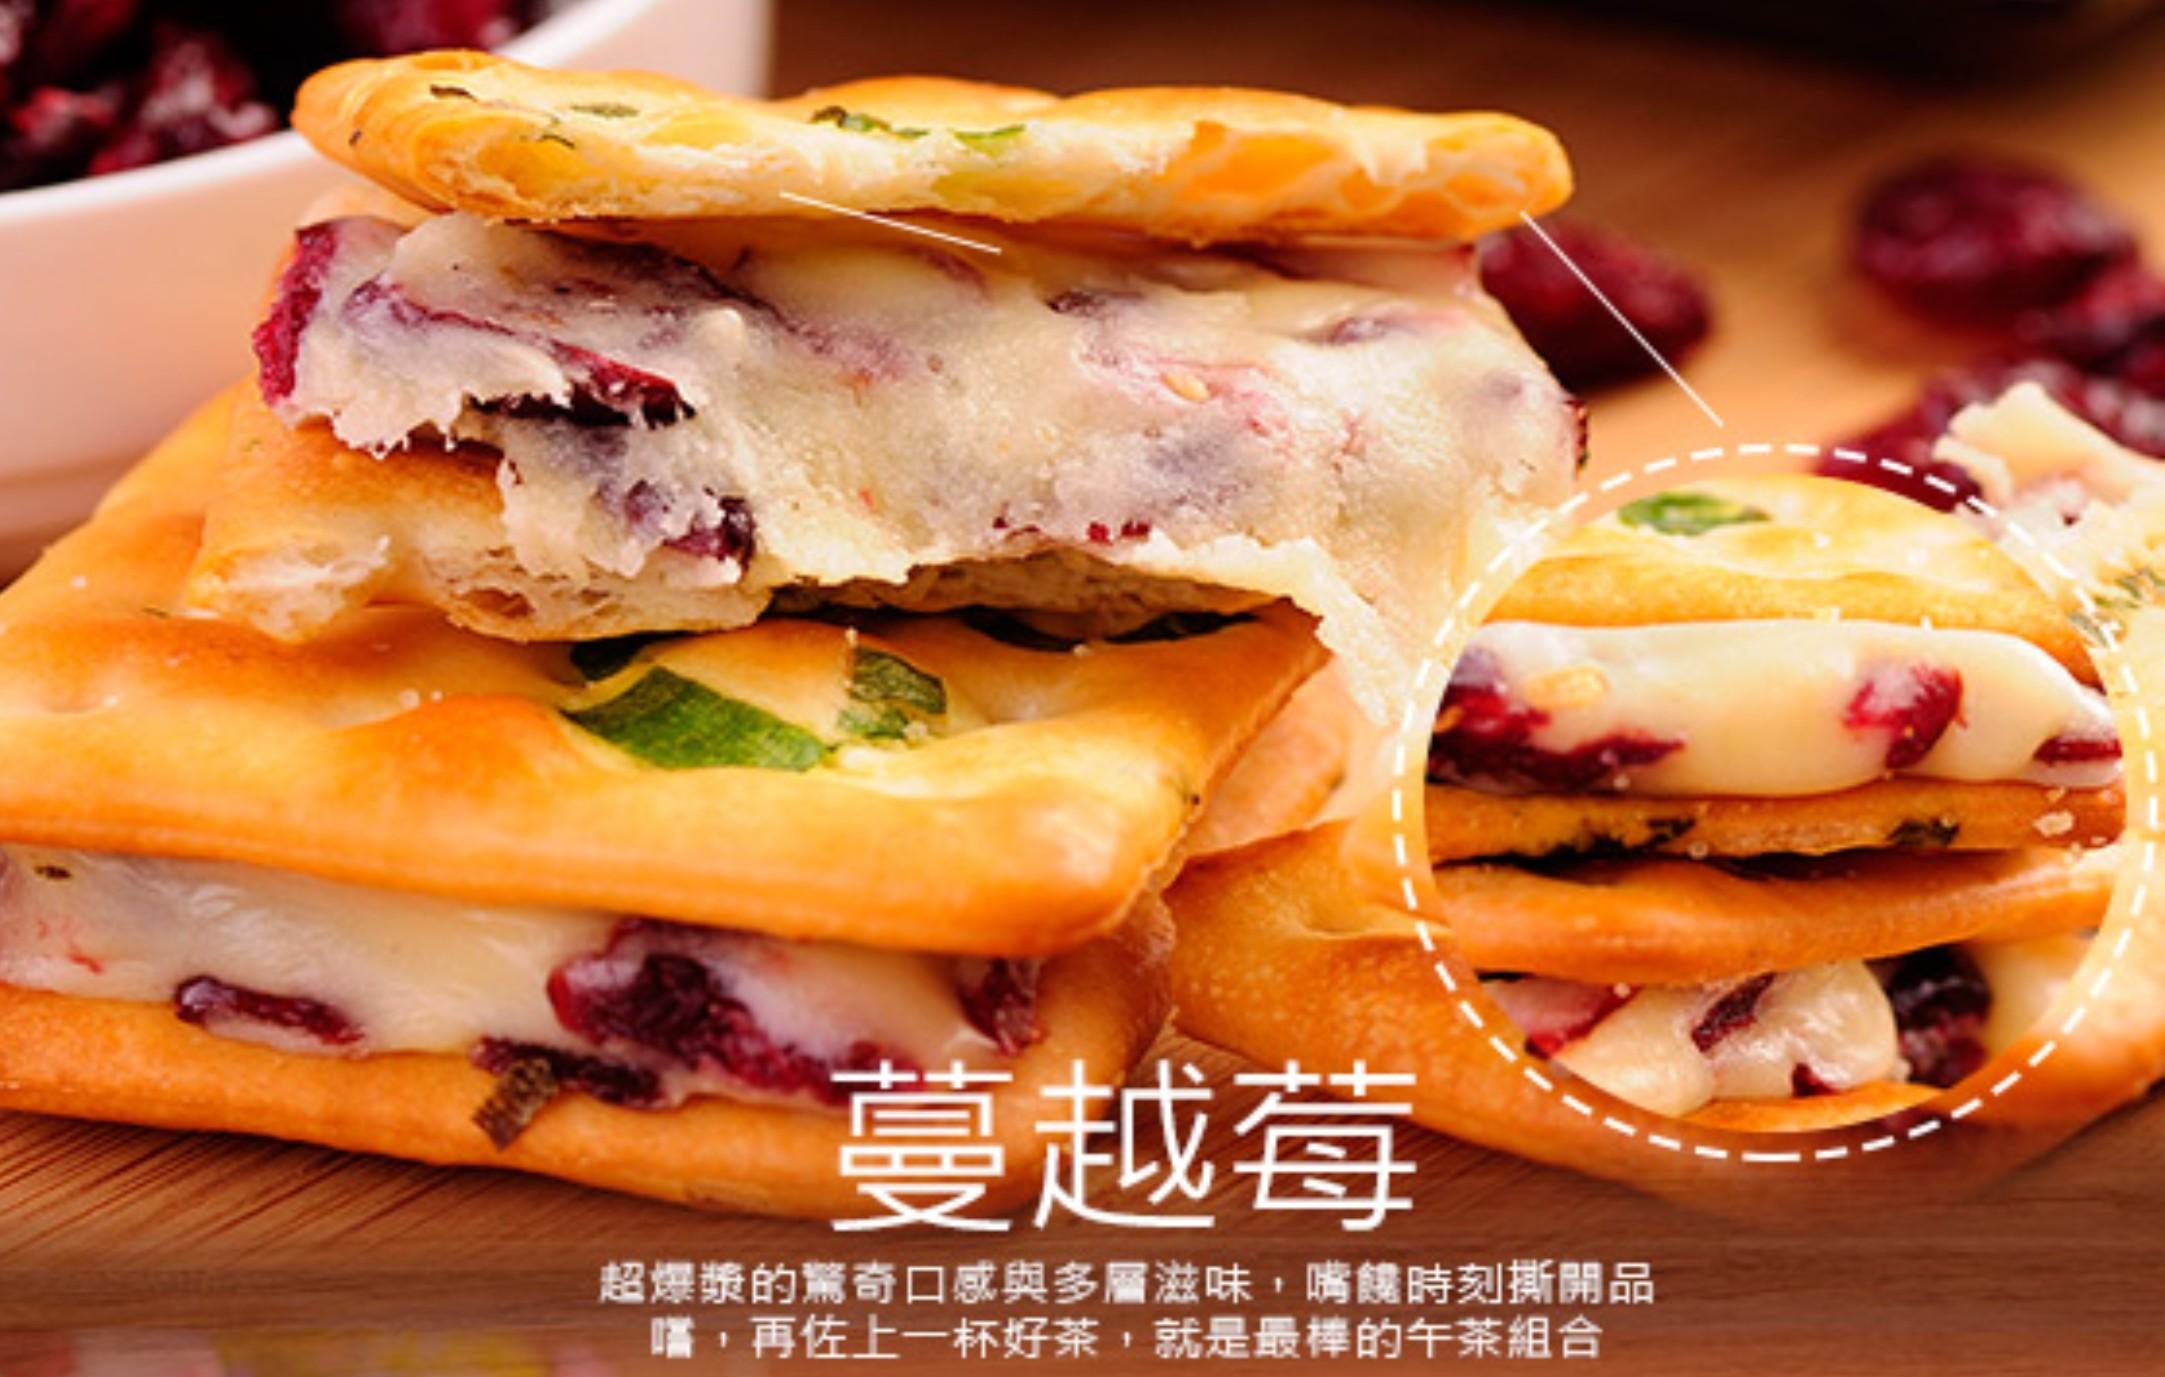 【蘿蒂烘焙坊】爆漿香酥厚實牛軋糖蔓越莓夾心餅(低糖/低熱量)/免運組  4~7包賣場  (單包119)(可備註加購手提紙袋2元)